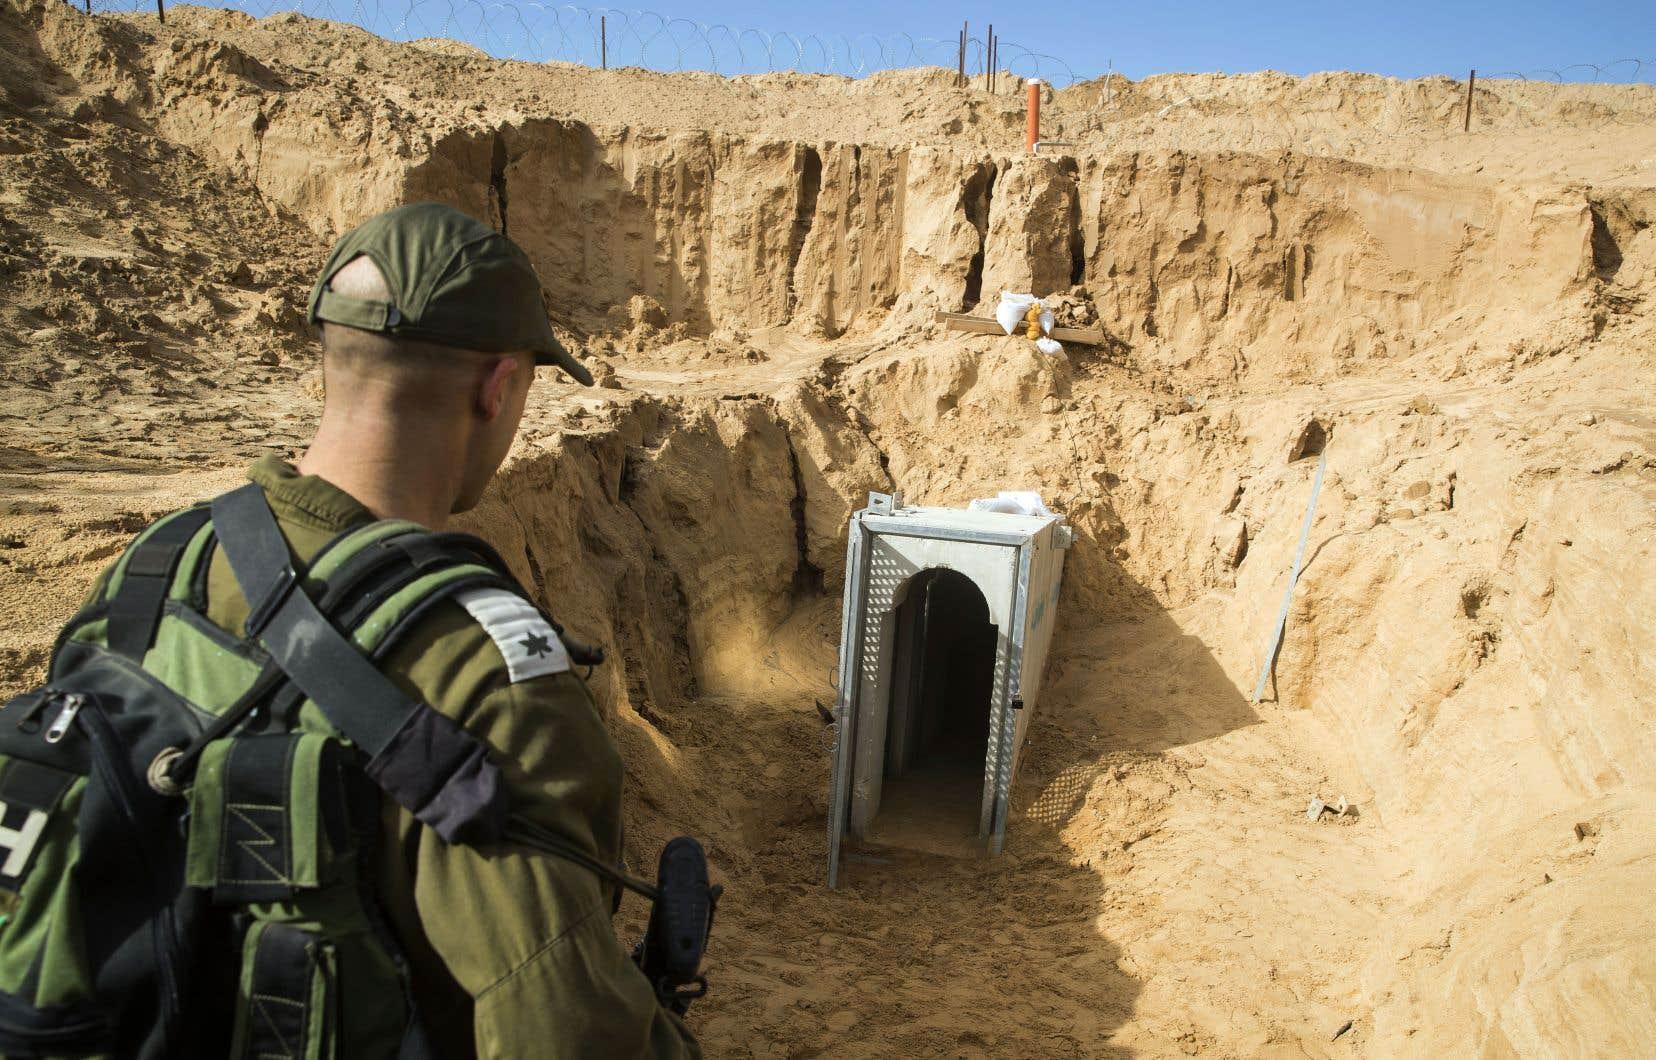 Une fois les travaux terminés, la barrière de béton enfouie dans le sol s'étendra sur une distance de 65 kilomètres.